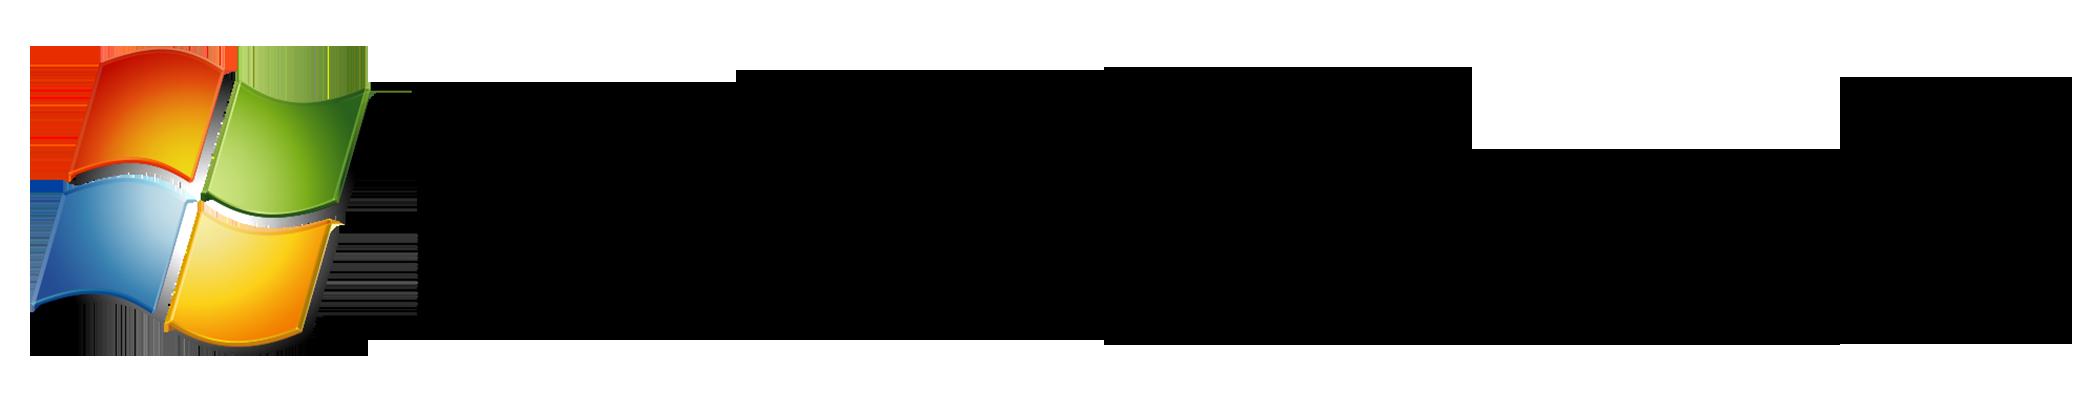 Official Windows 7 Logo  original logo  windows 7 byOfficial Windows 7 Logo